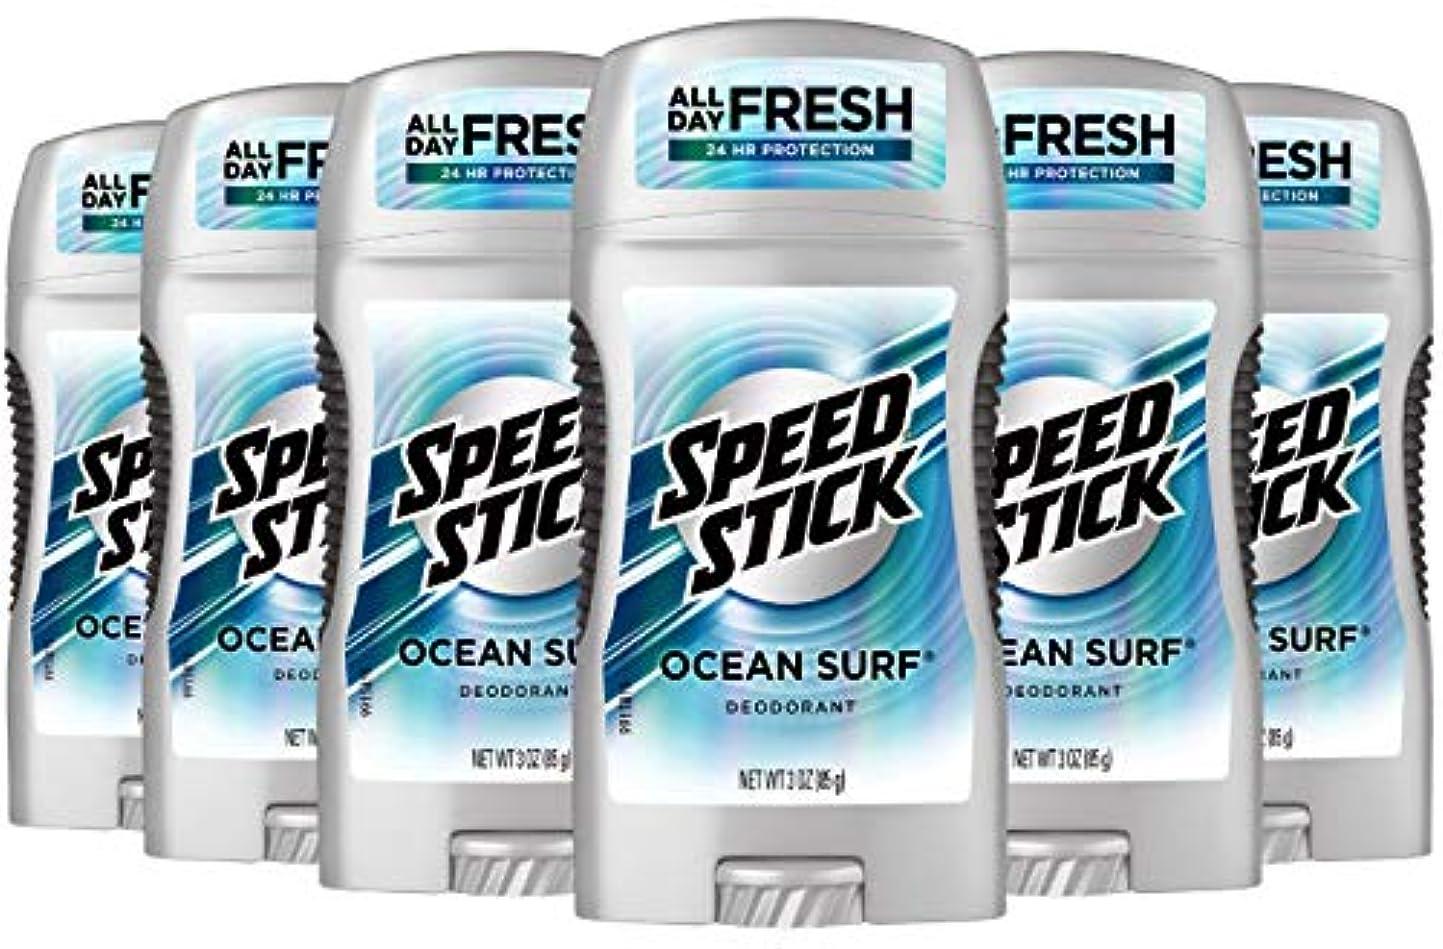 デモンストレーション従来の発行するSpeed Stick Deodorant, Ocean Surf 88 ml (Pack of 6) (並行輸入品)